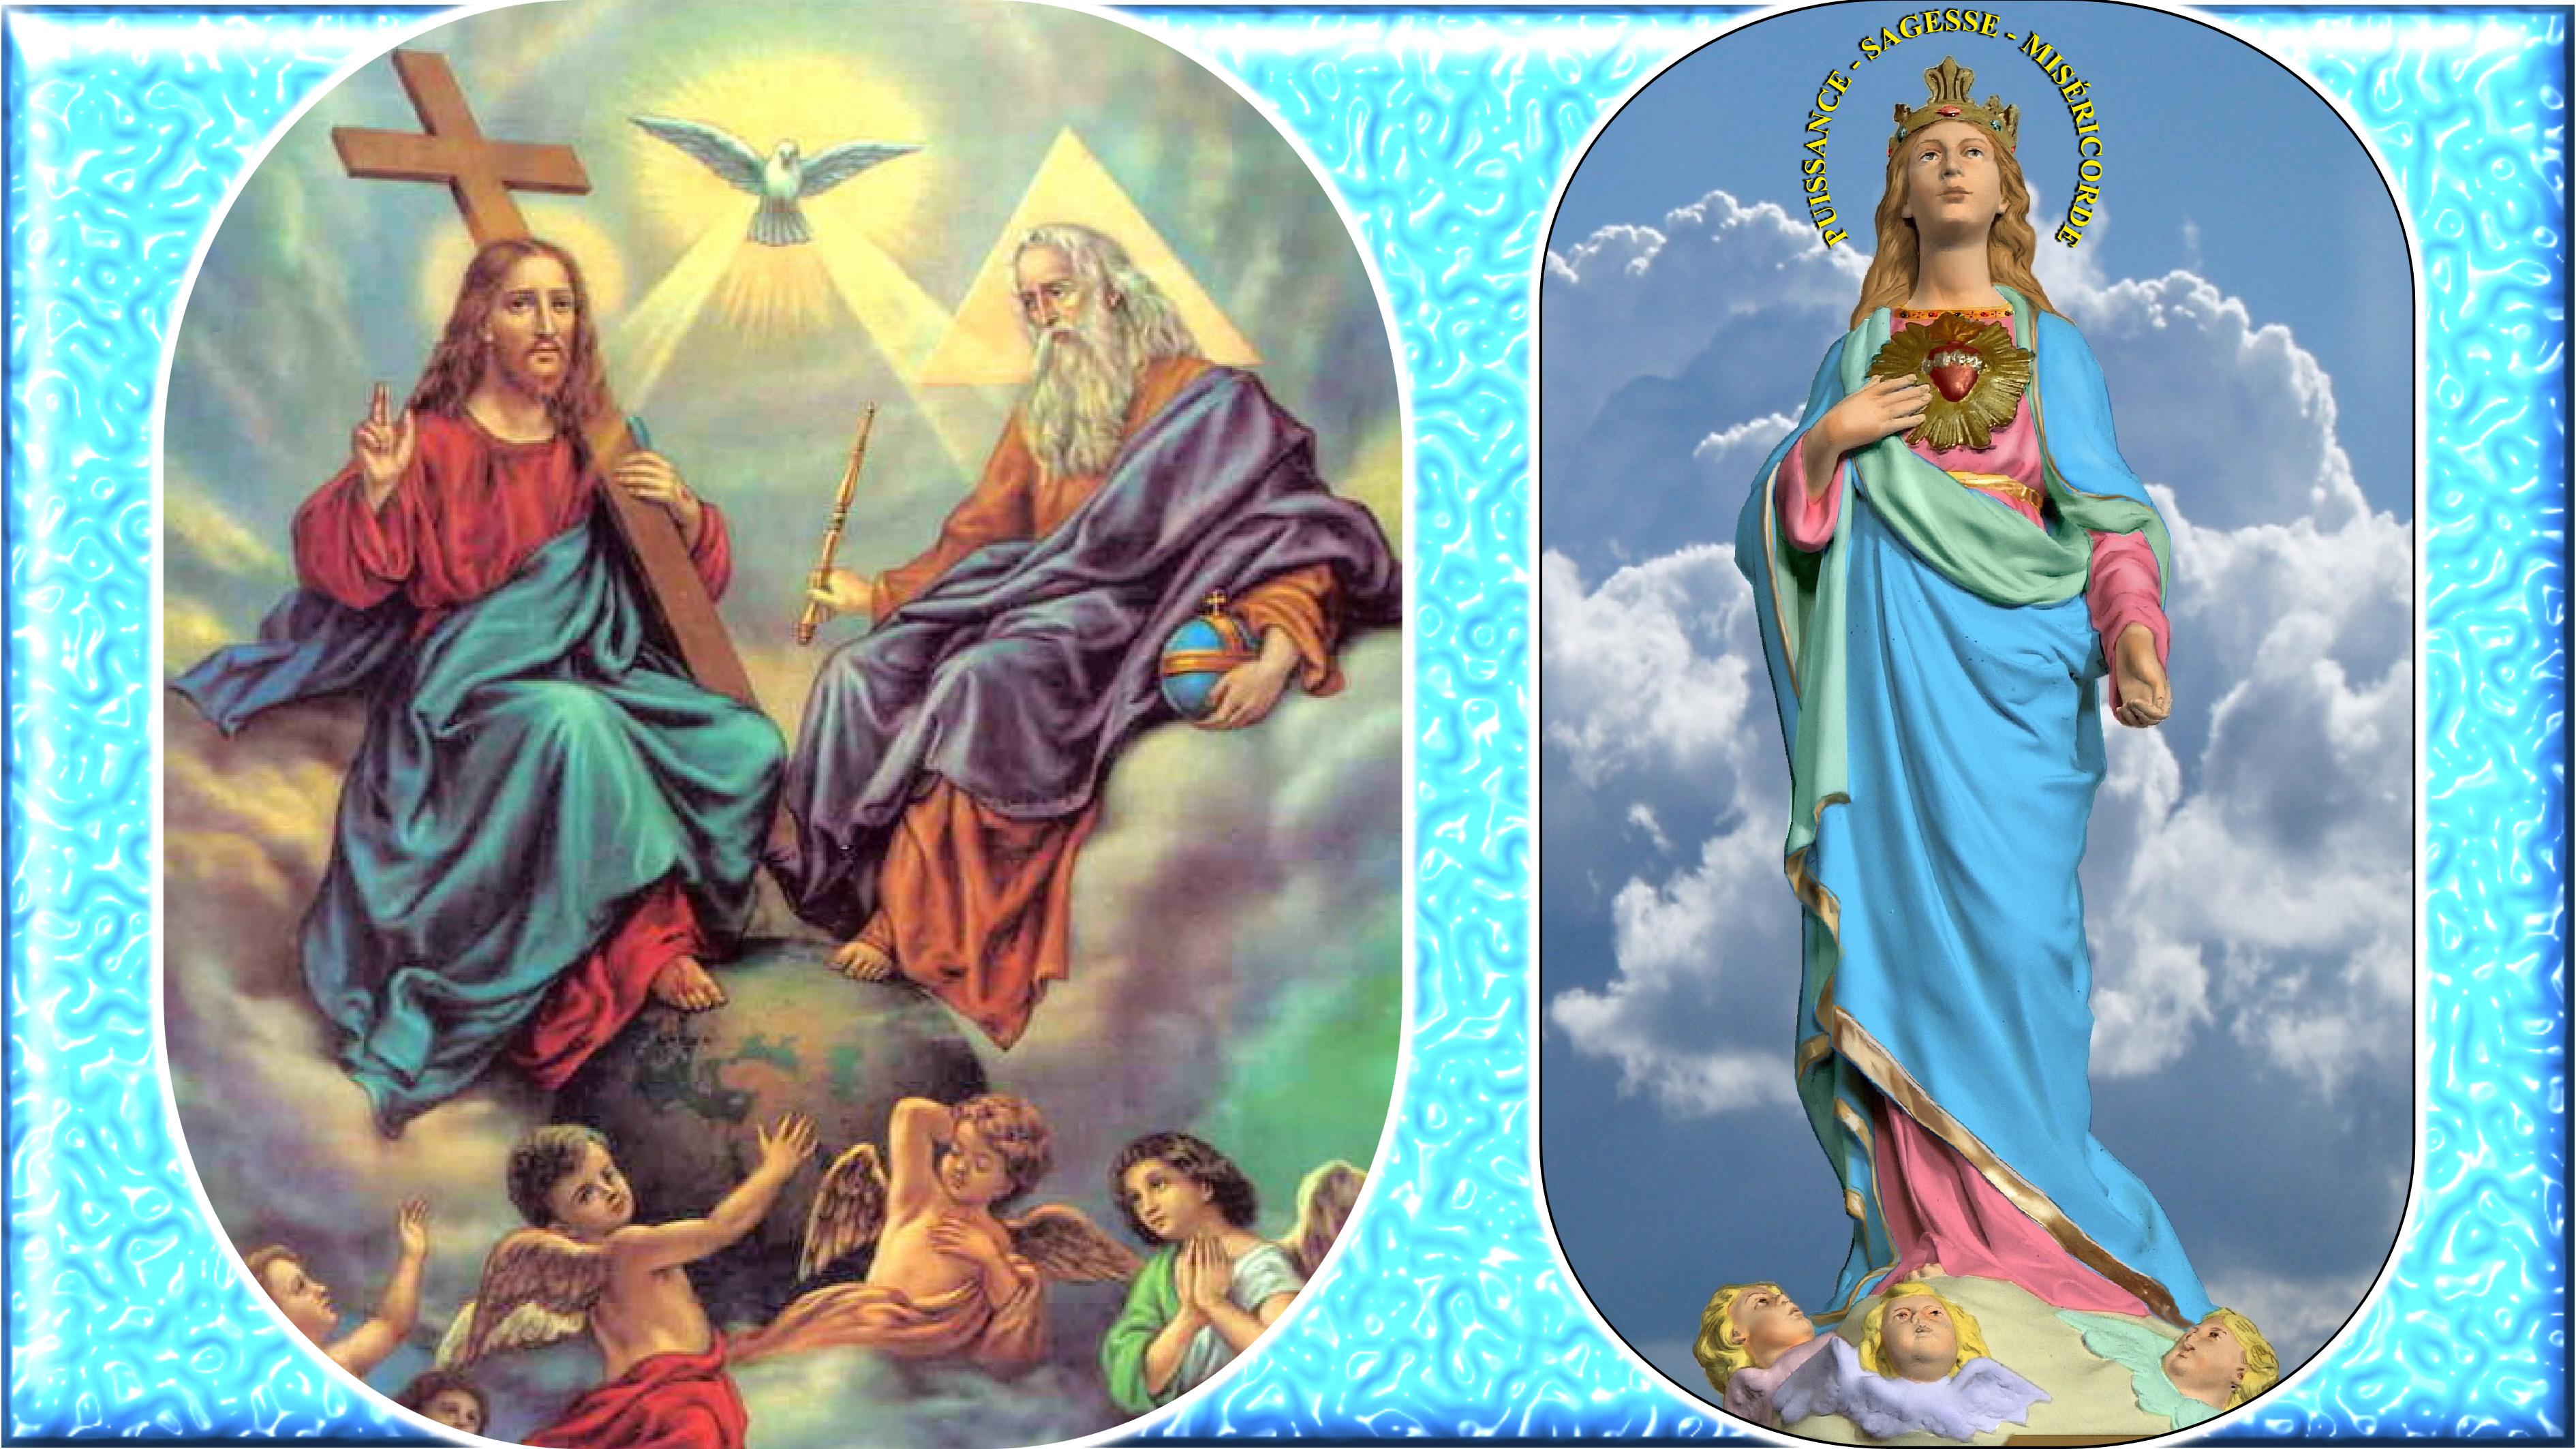 CALENDRIER CATHOLIQUE 2020 (Cantiques, Prières & Images) - Page 16 Notre-dame-de-la-...ve-maria-5717f56